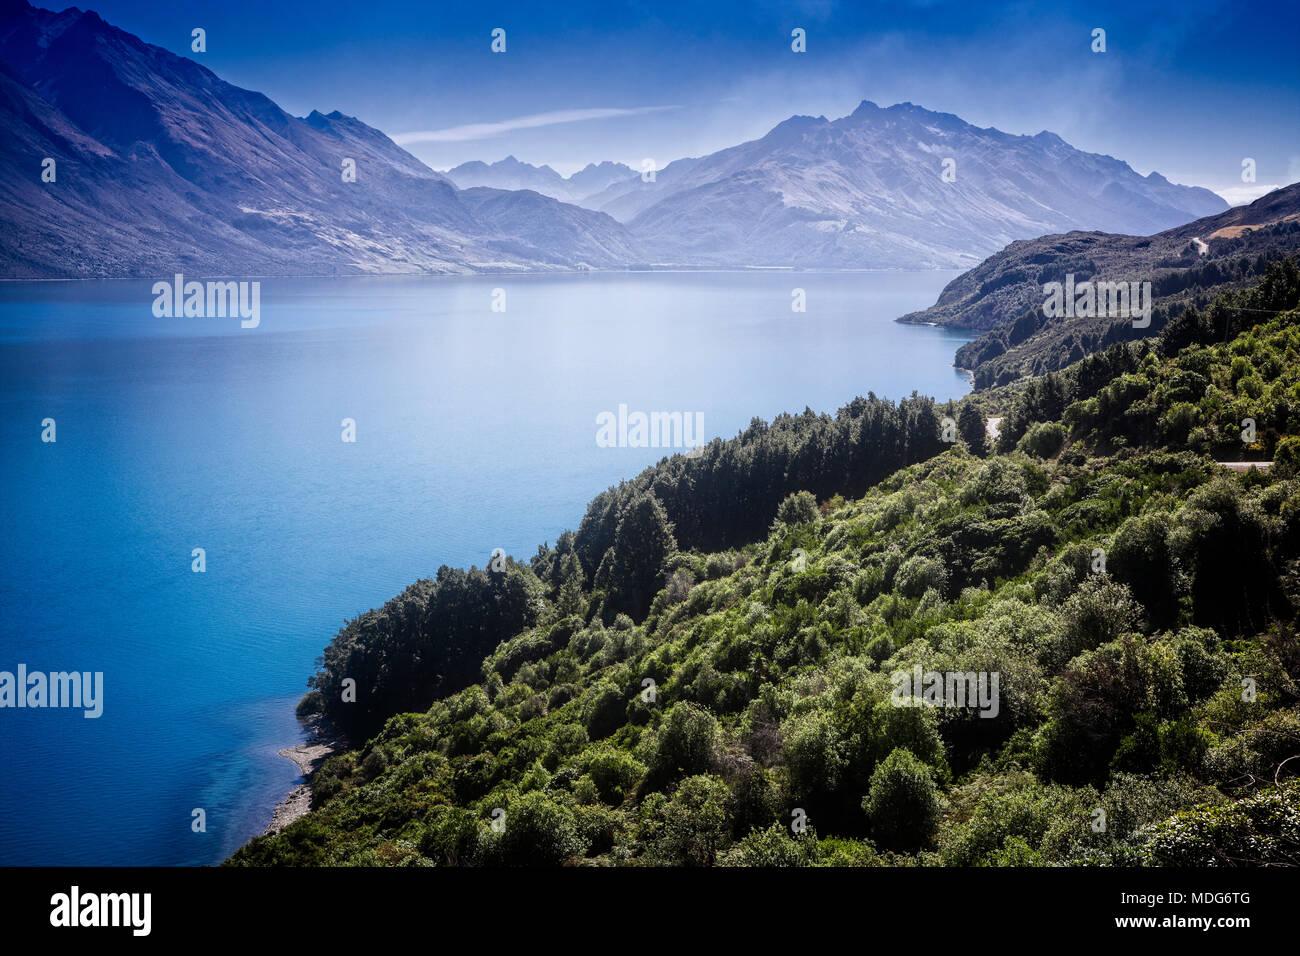 Le lac Wakatipu et la route de Glenorchy, île du Sud, Nouvelle-Zélande. Banque D'Images